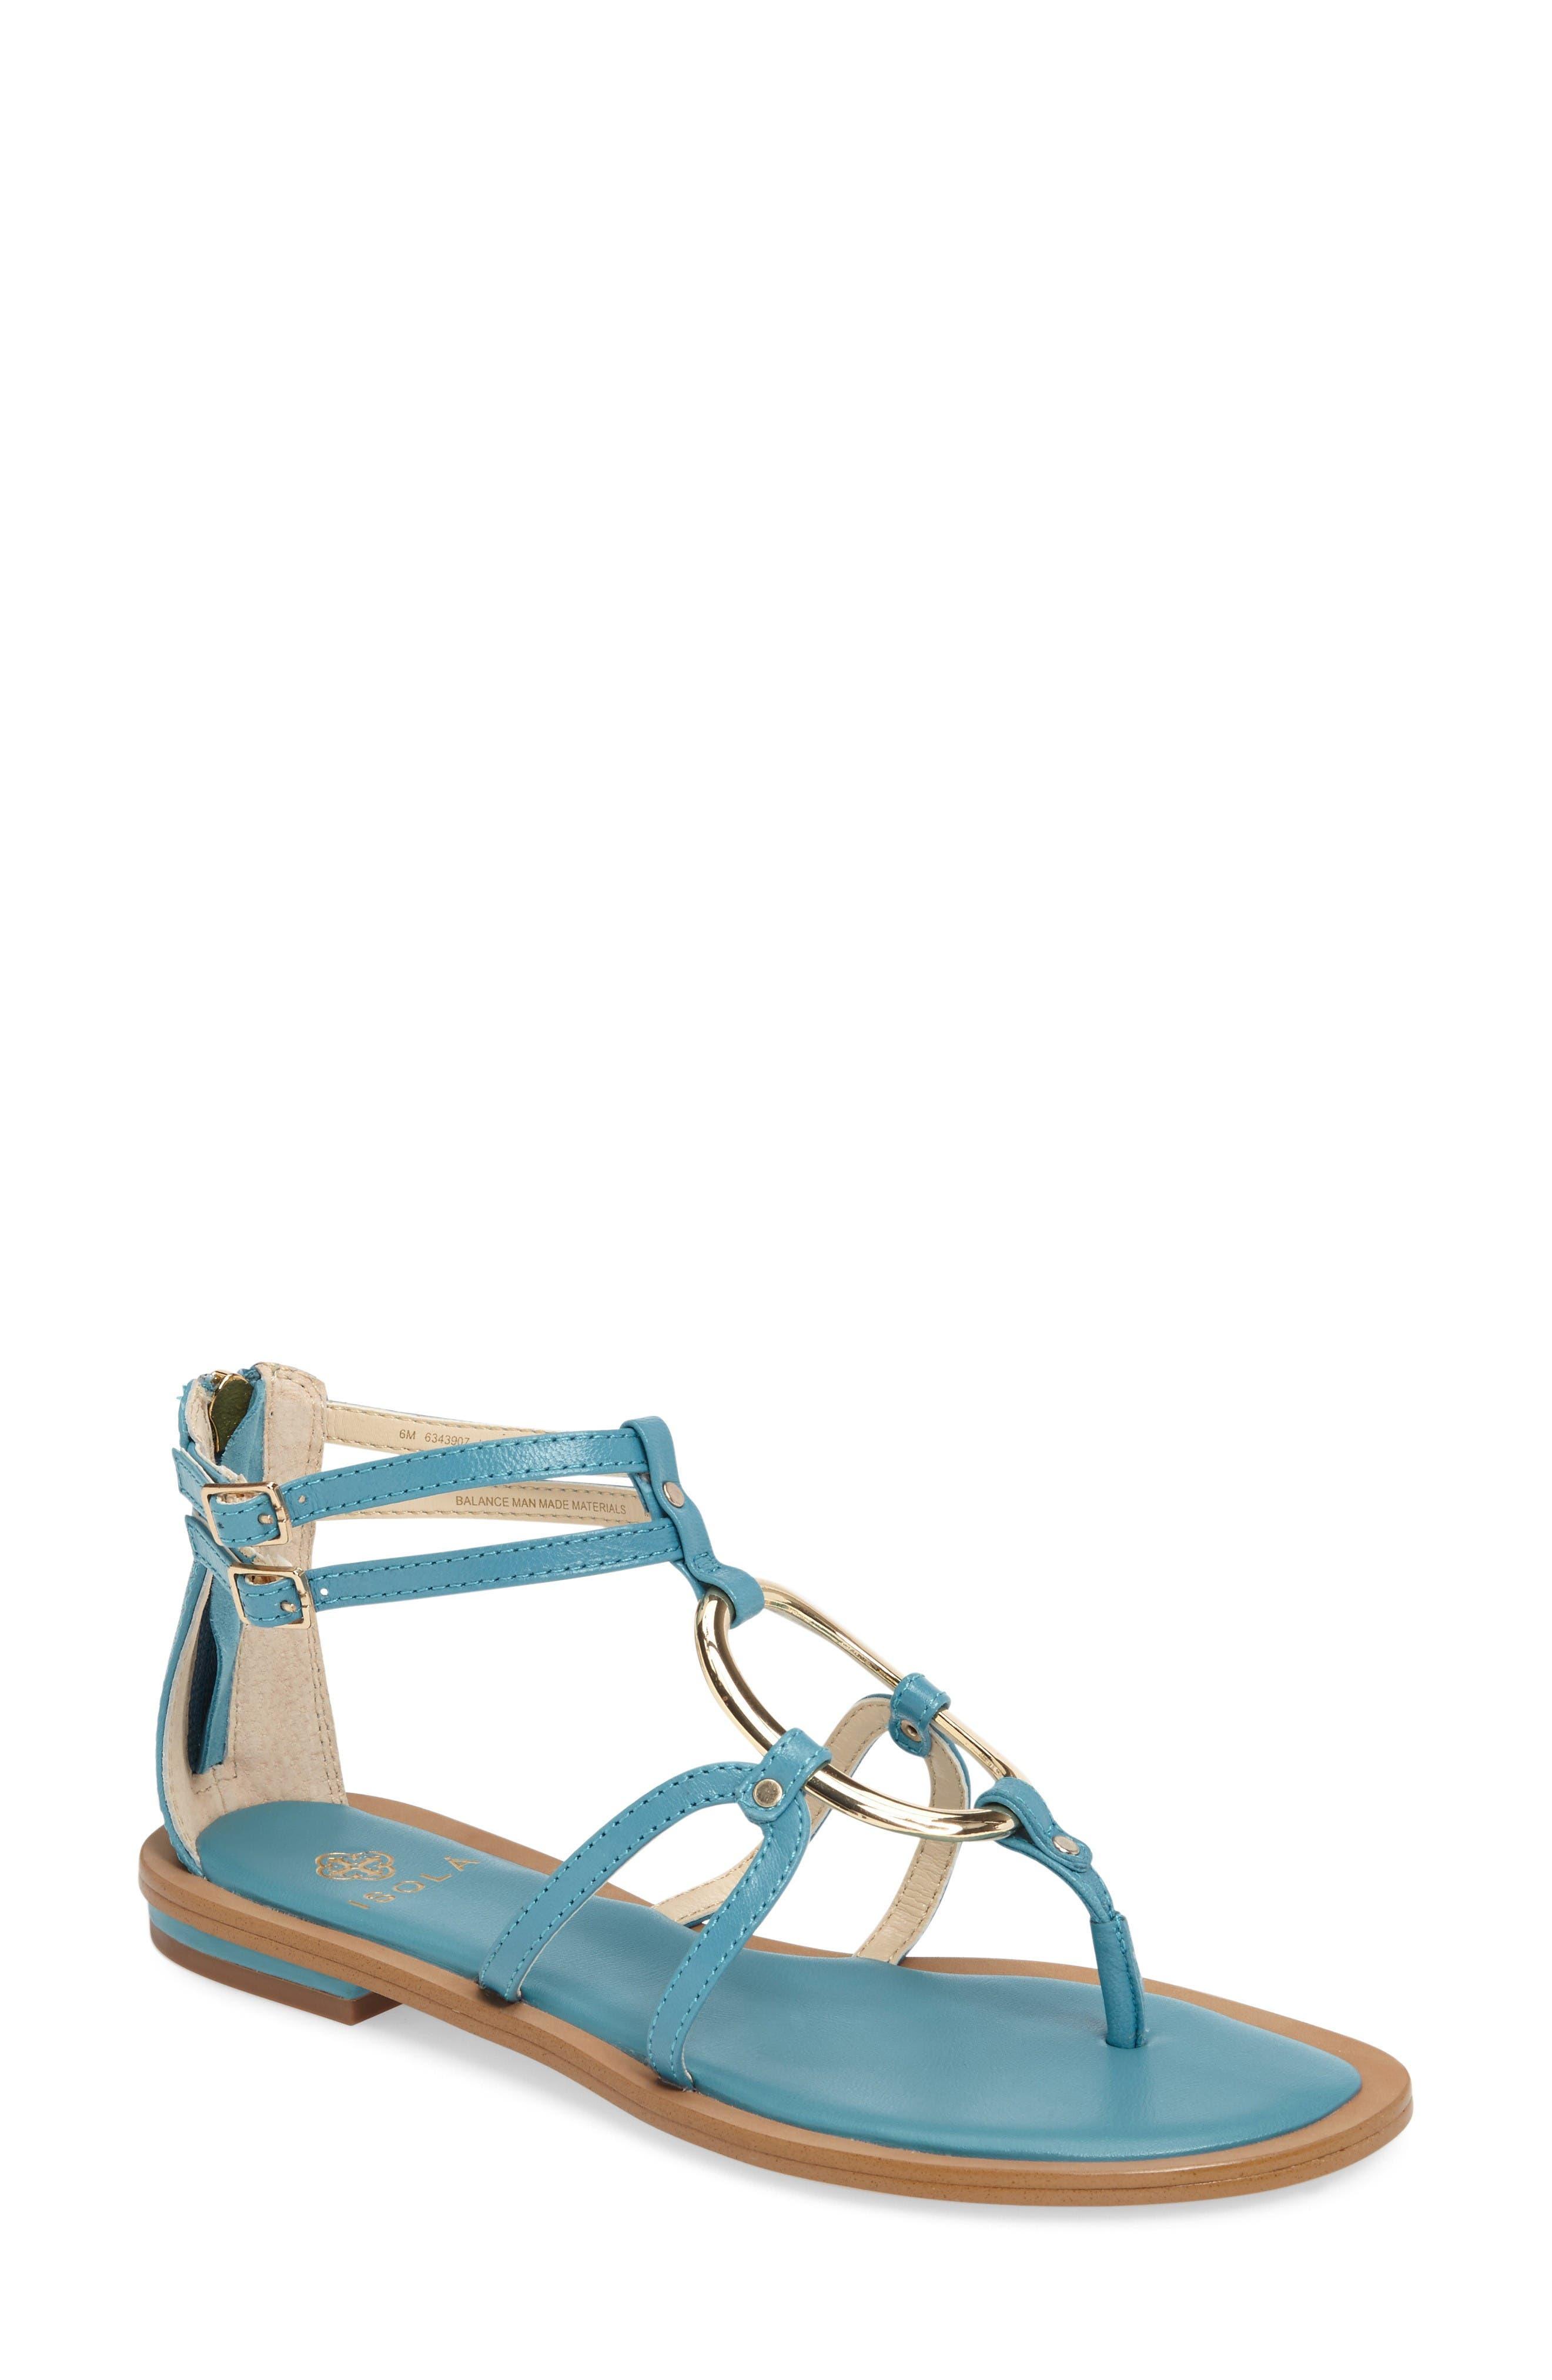 Melaney Sandal,                             Main thumbnail 1, color,                             Aqua Leather